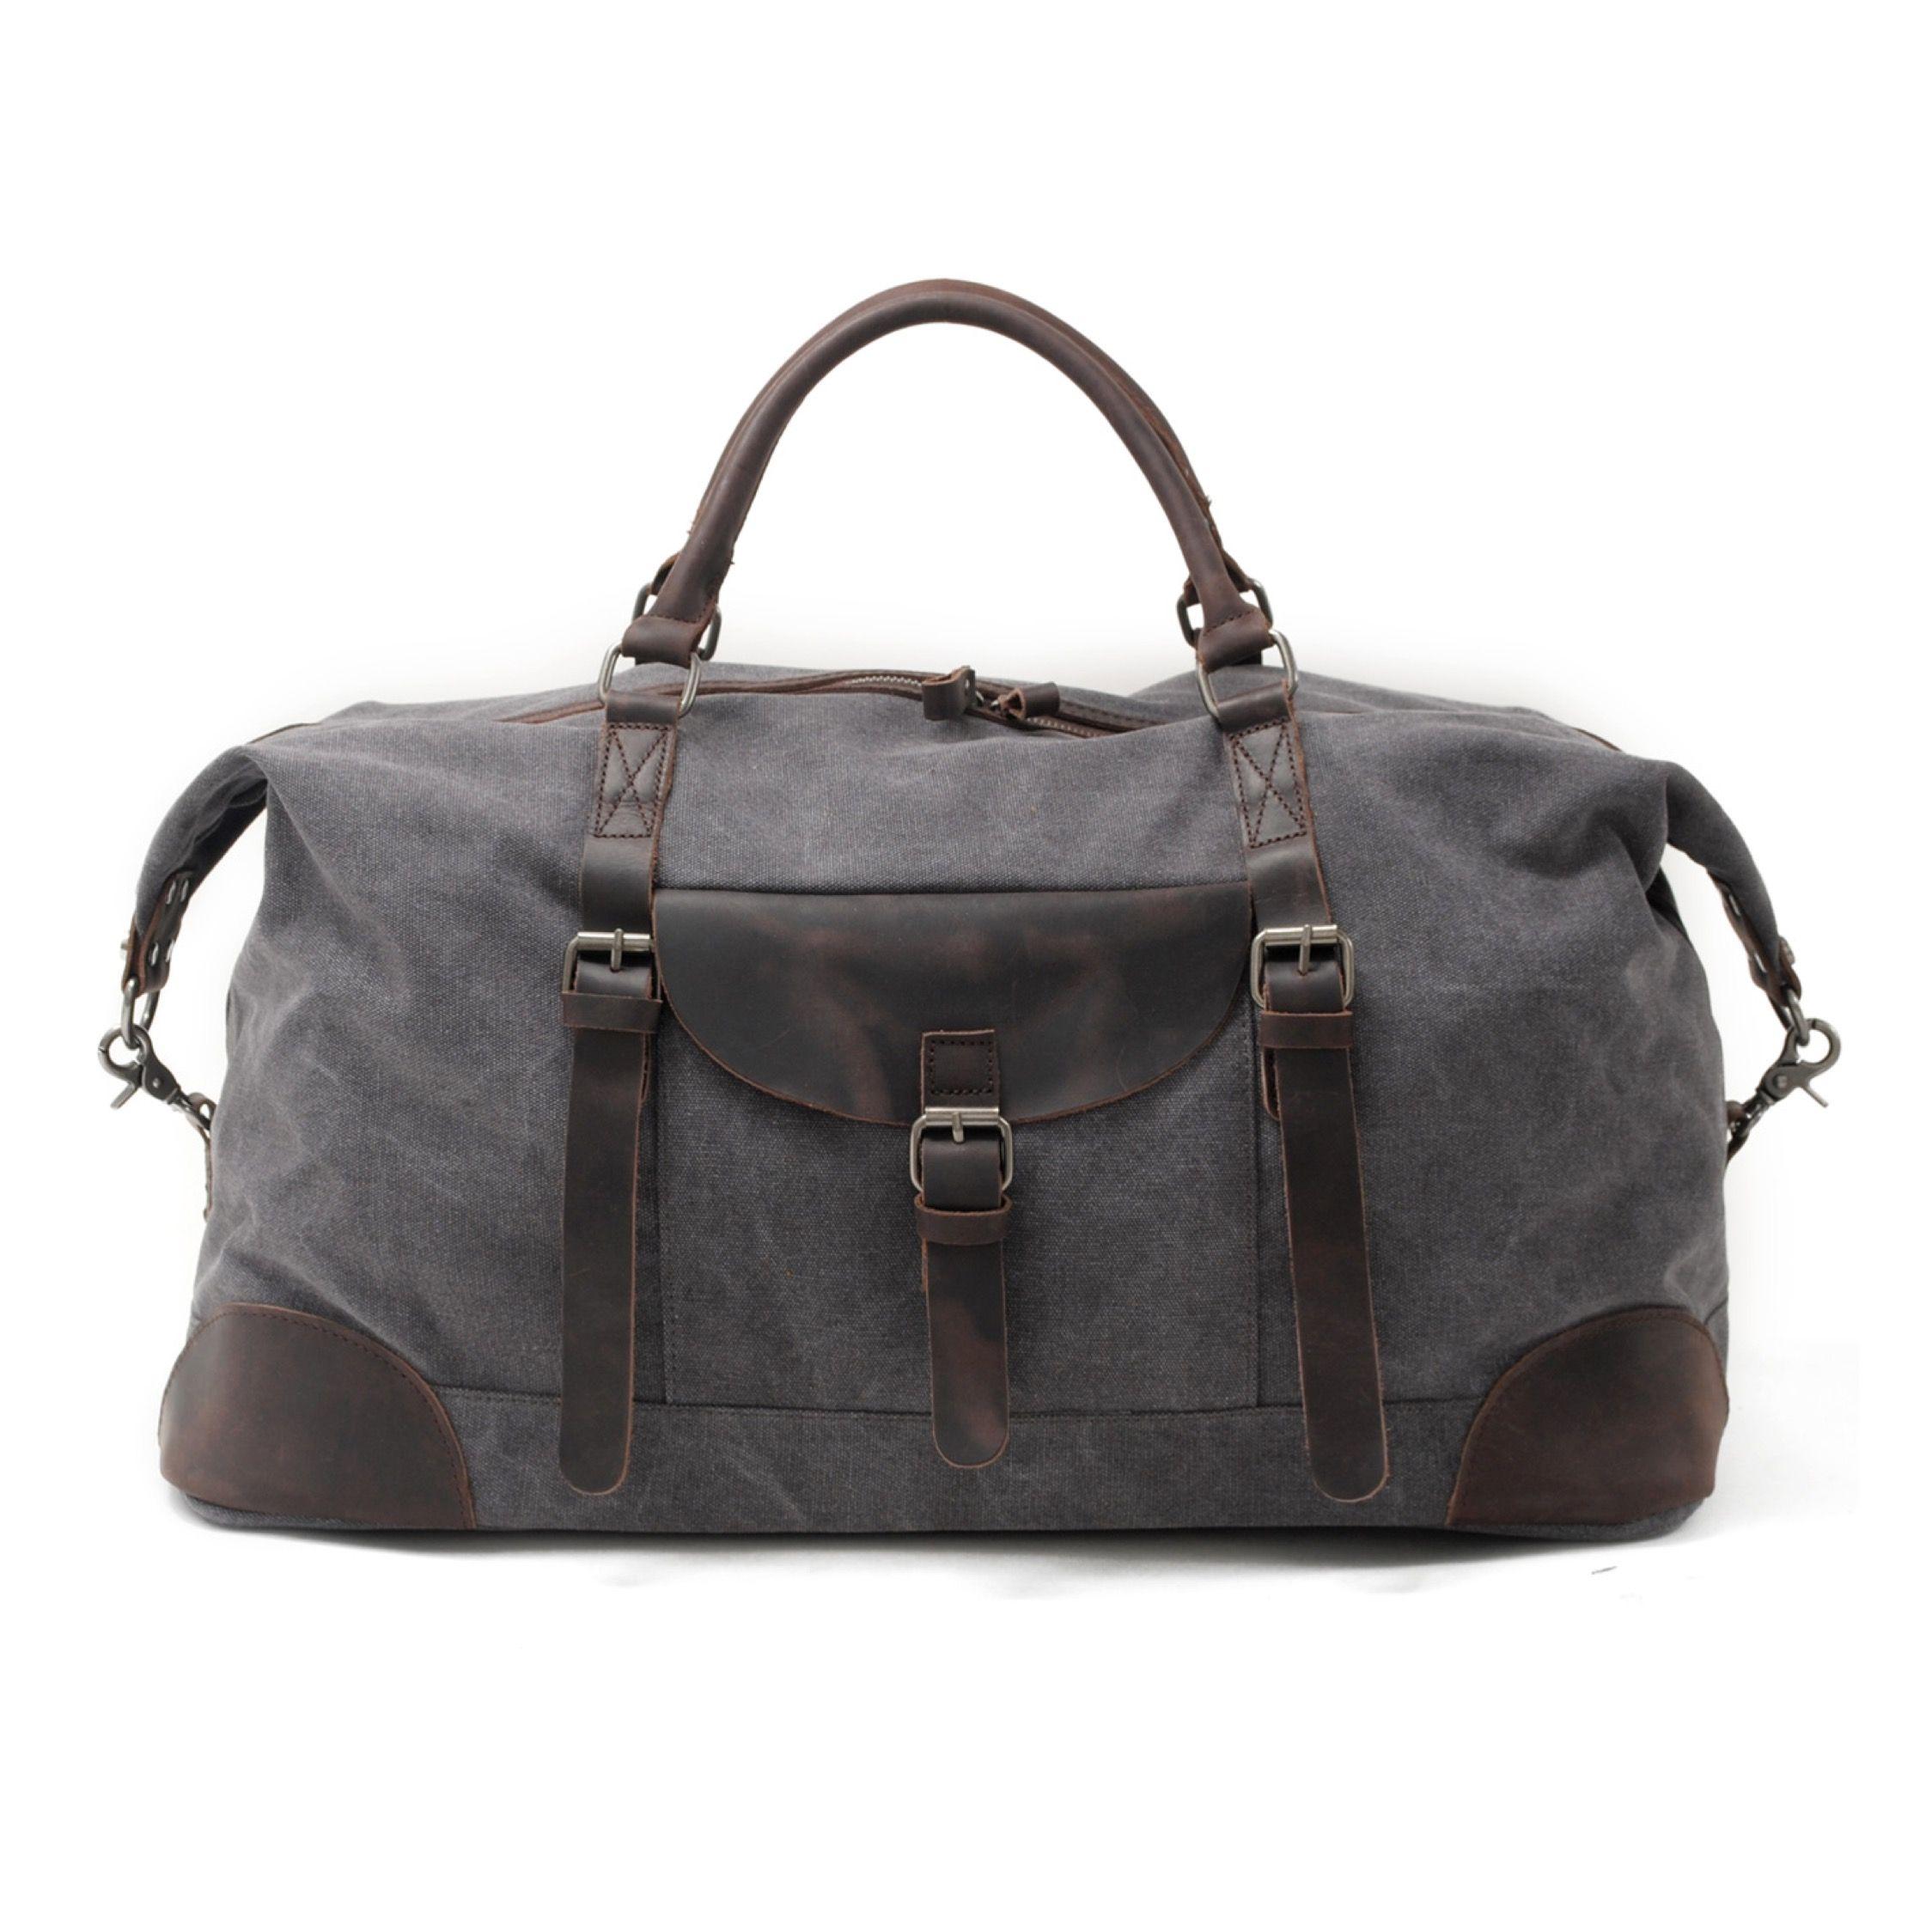 Dokota Bag Luggage Travel Duffle Men Gym Leather Tote Shoulder Weekend Handbag